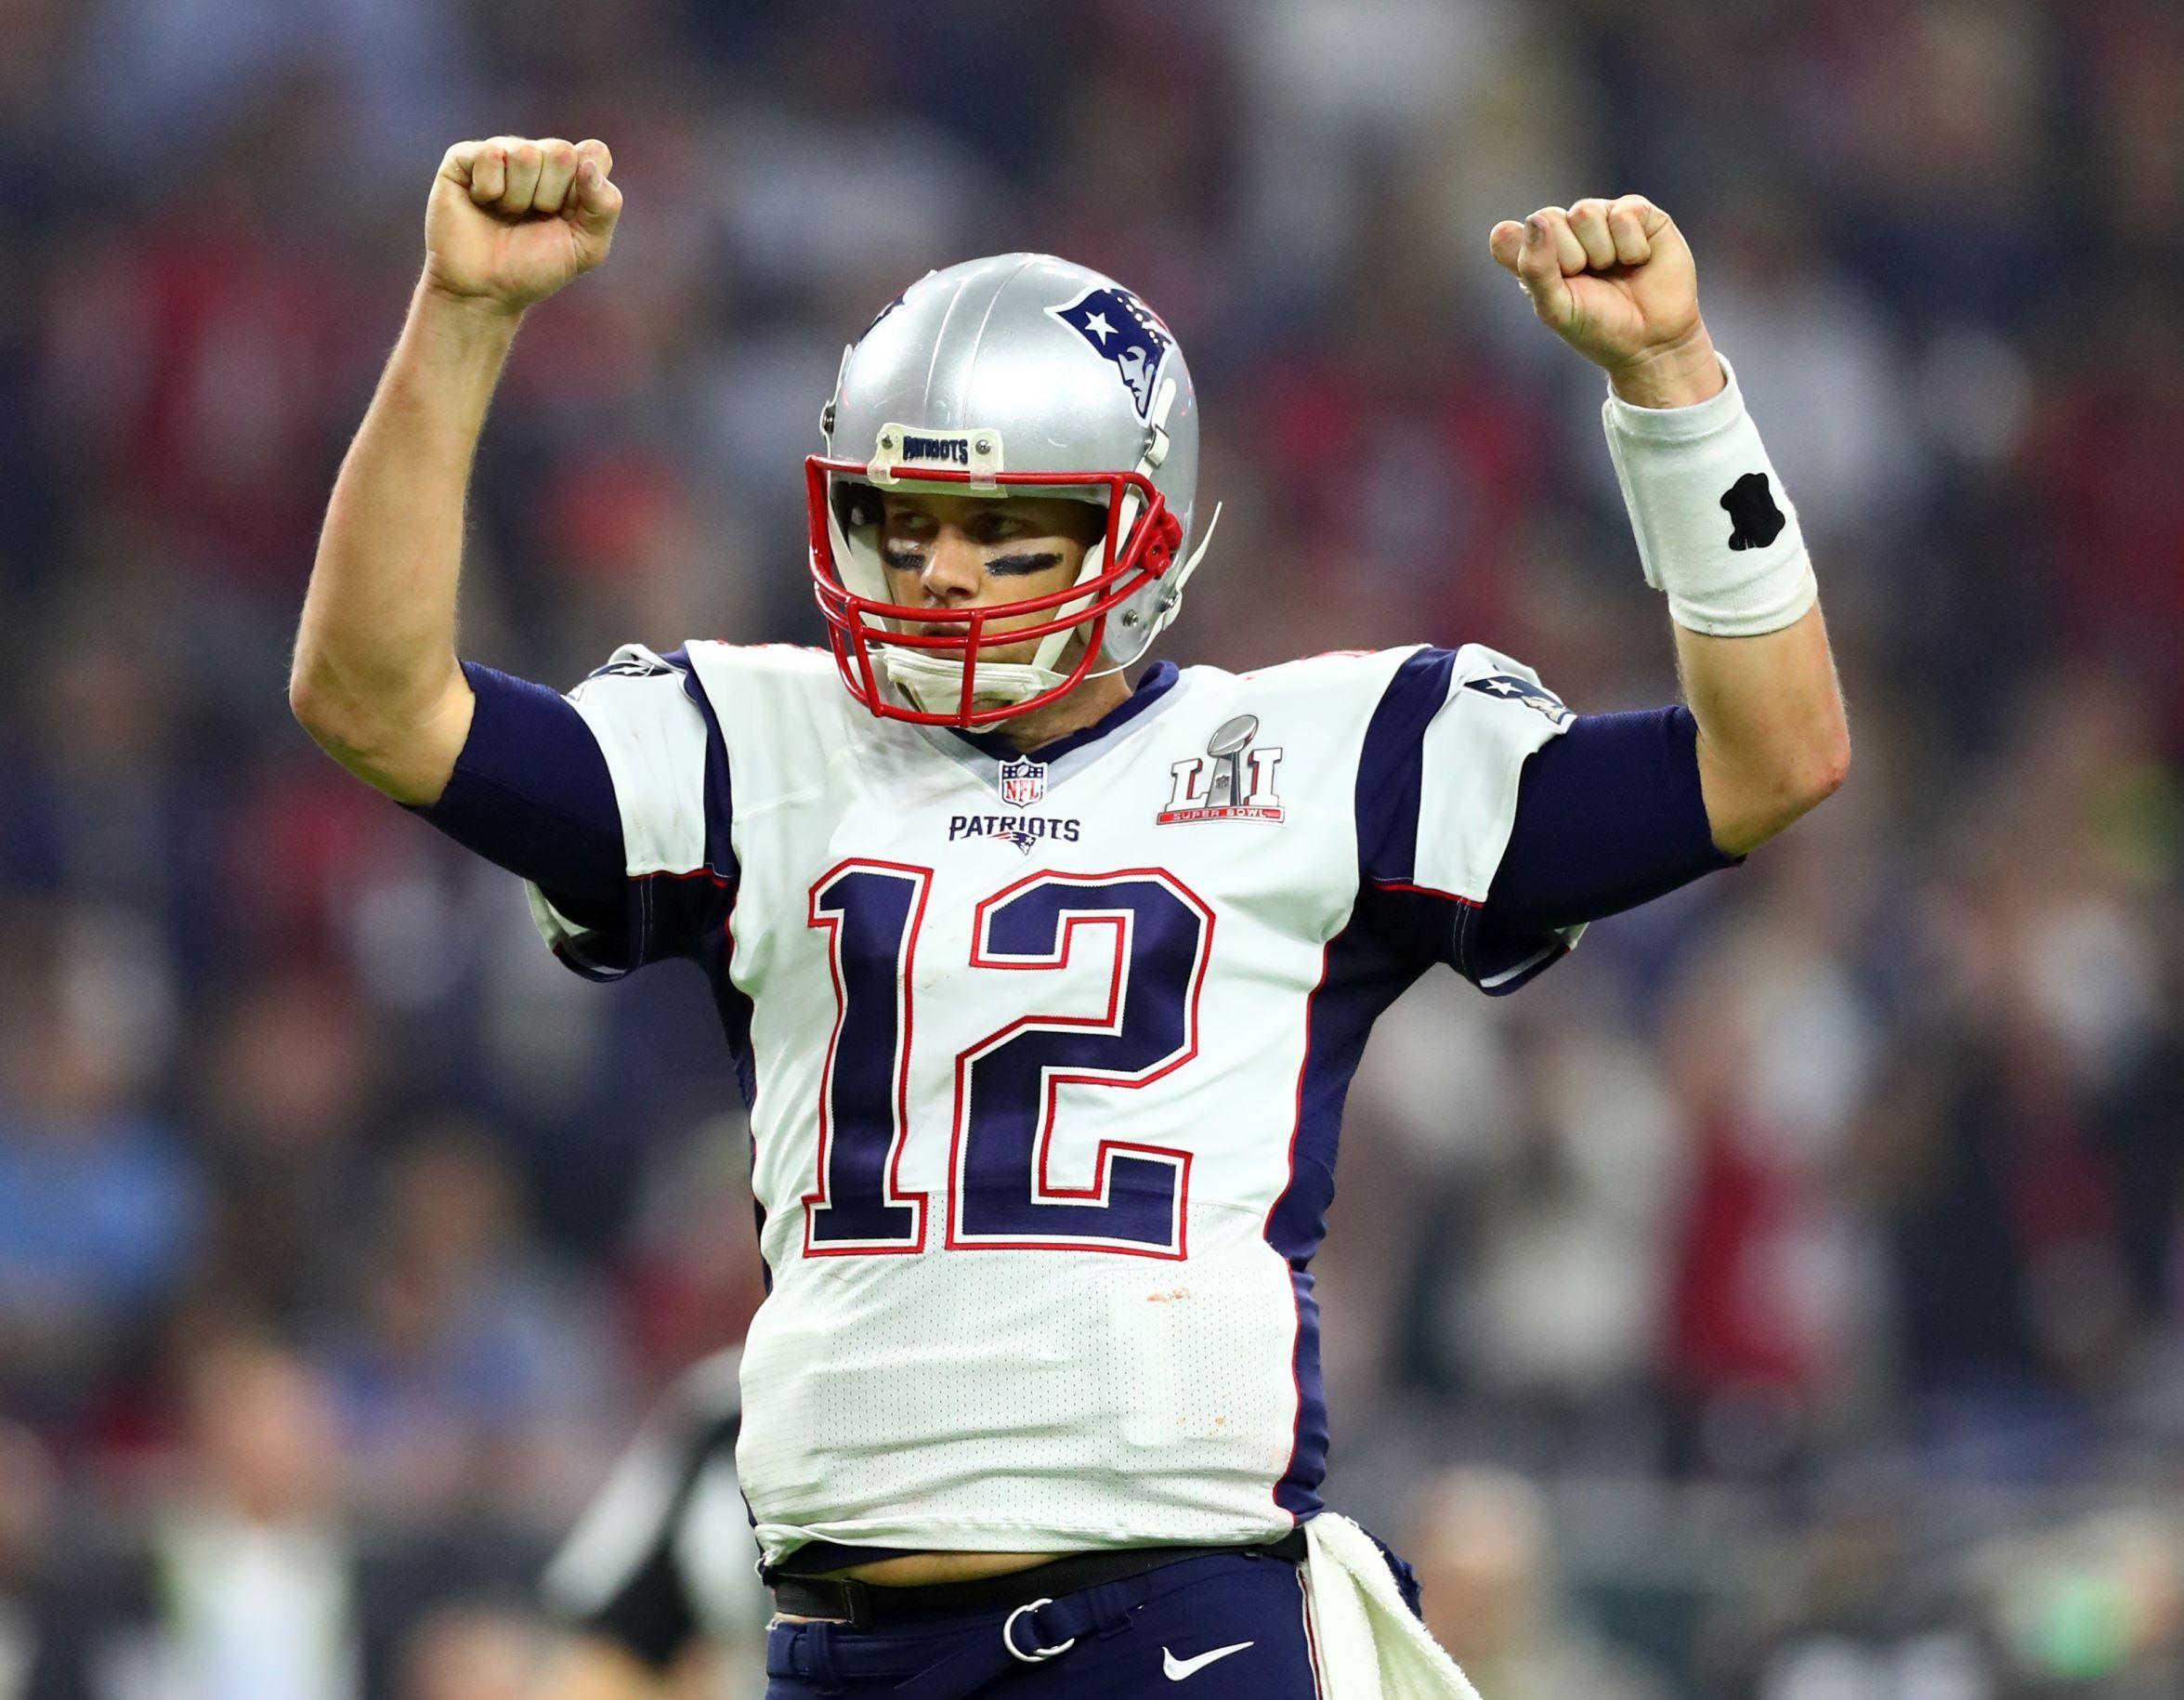 Julian Edelman Touchdown A Spark For Patriots Offense Against Eagles Pats Pulpit